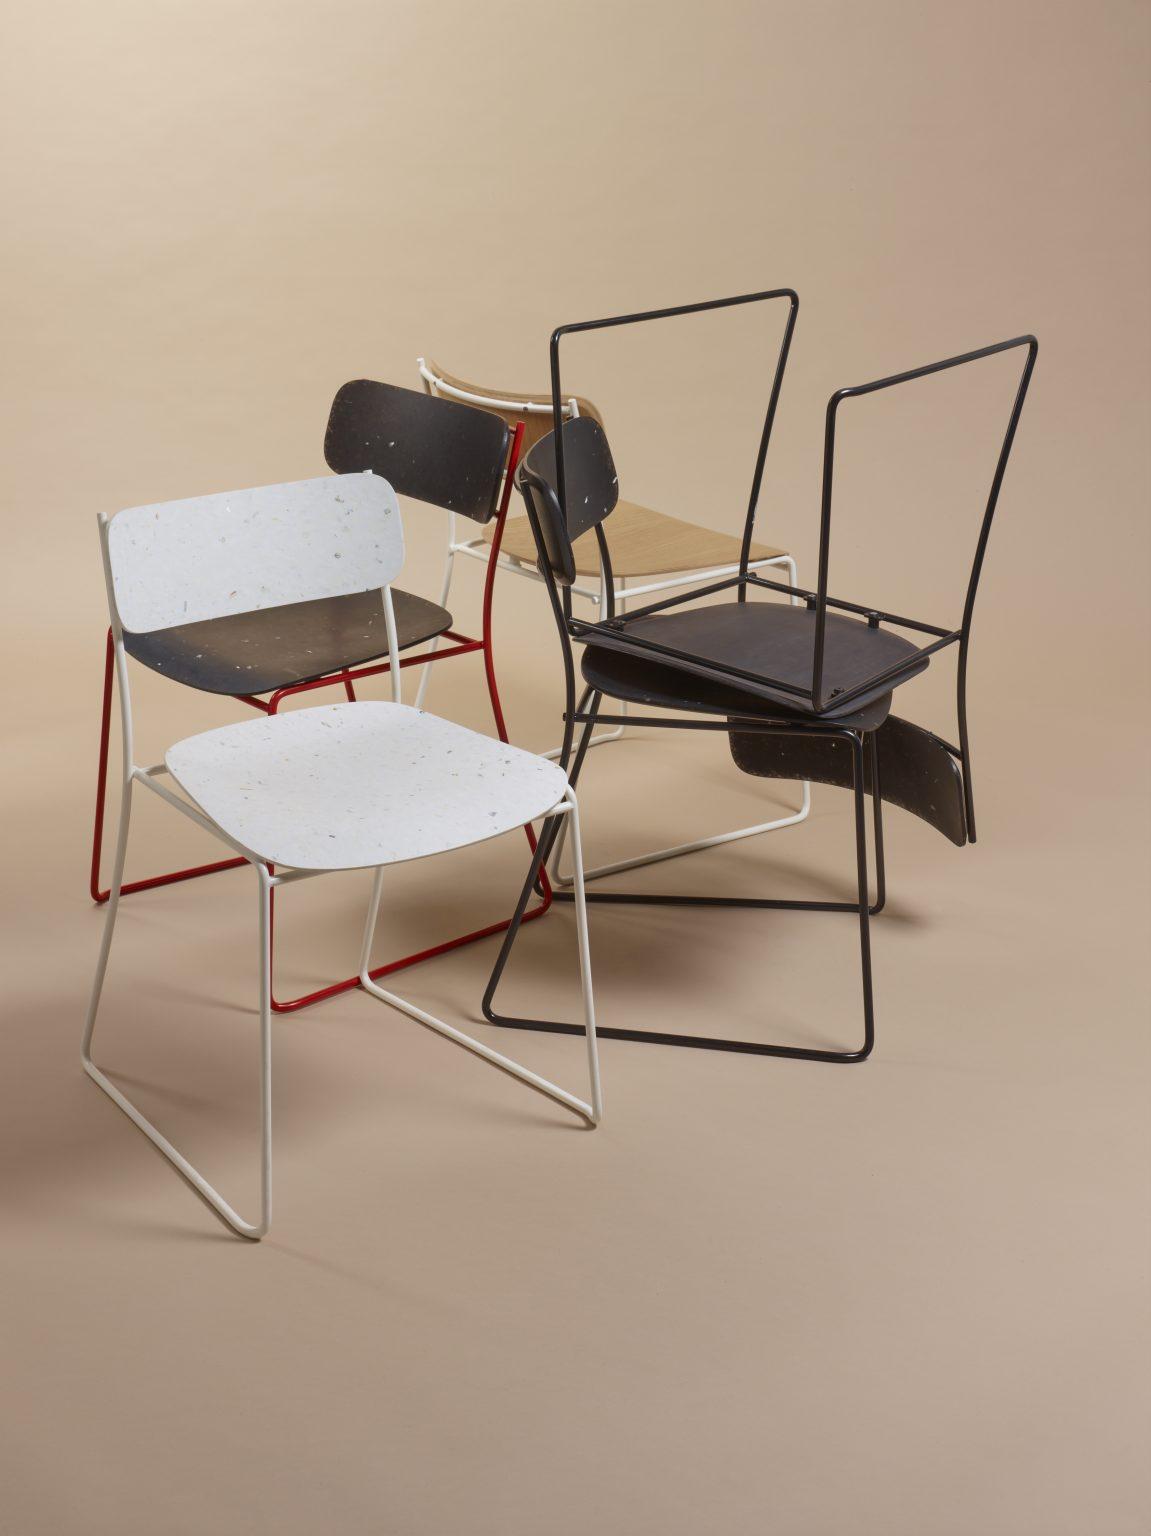 Biennale Interieur - Belgium's leading design and interior event - Noma-sen2020_01_26_groupe-sen-5©studio-swissmiss.jpg